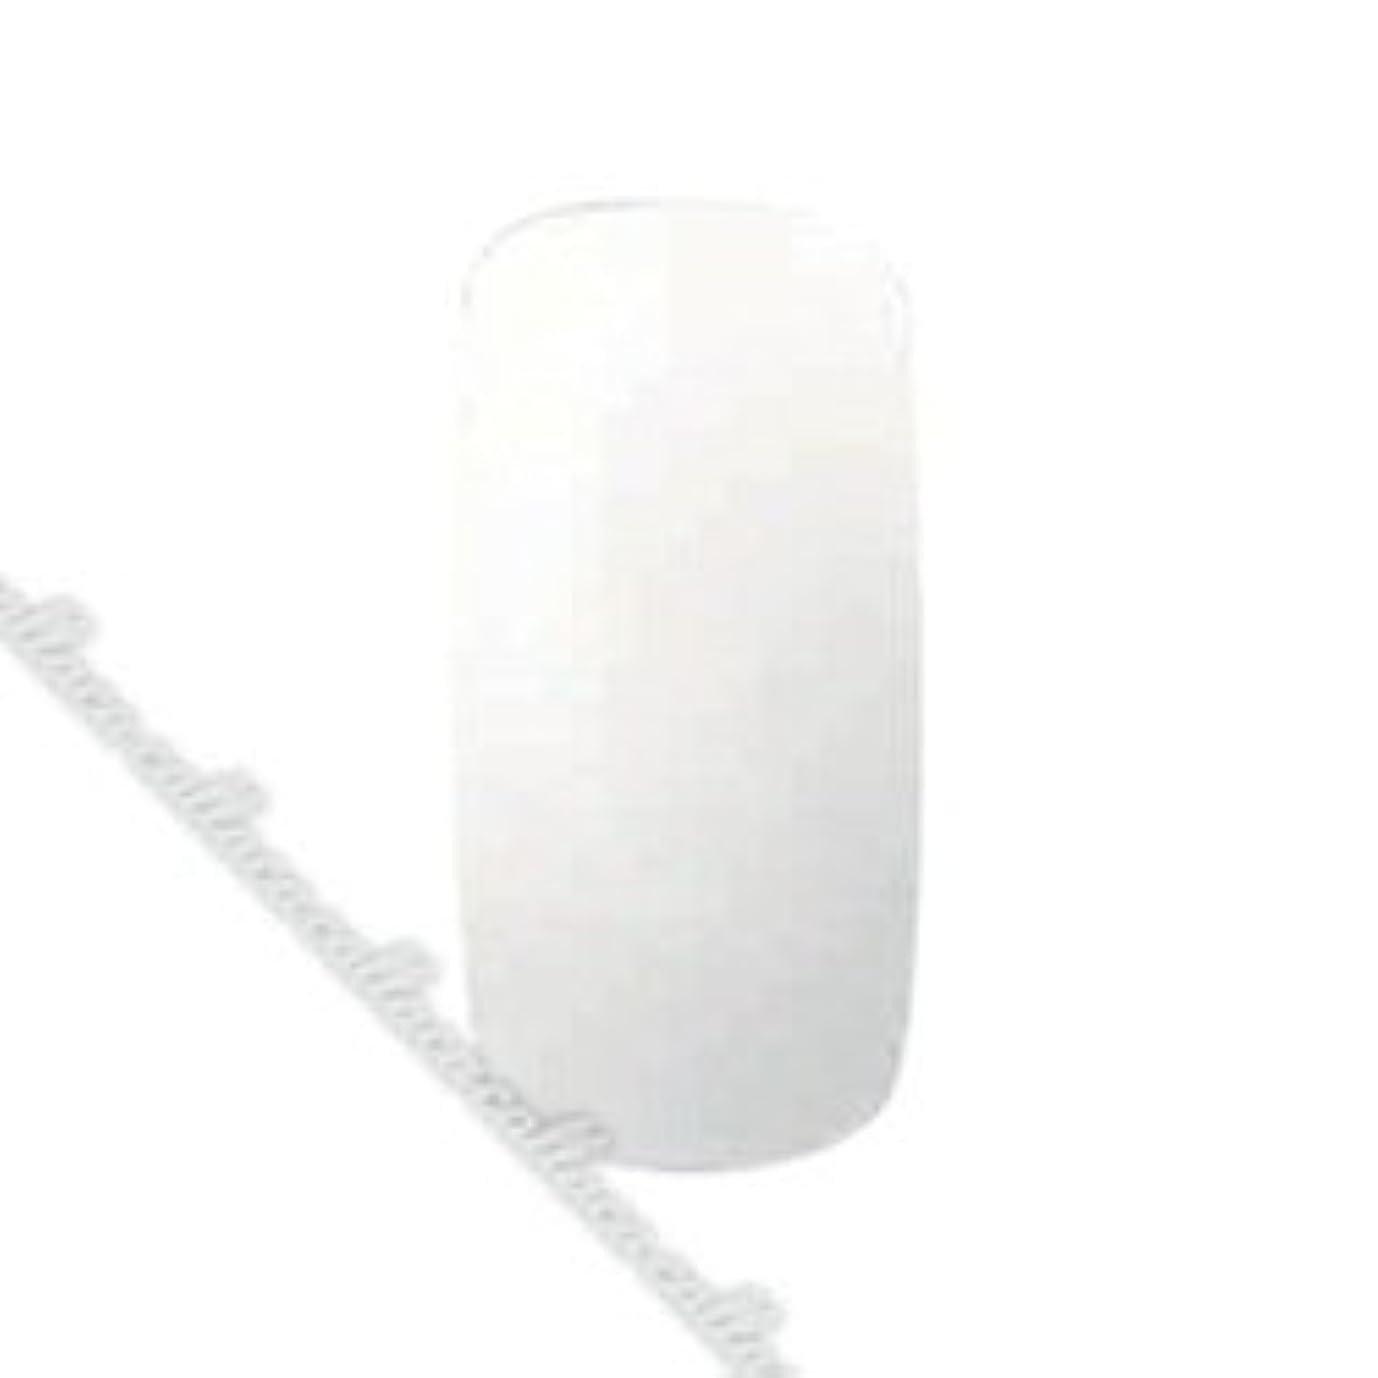 漂流胃誠実さカルジェル(Calgel) カラージェル 4g C カラージェル CGWH01S ベールホワイト